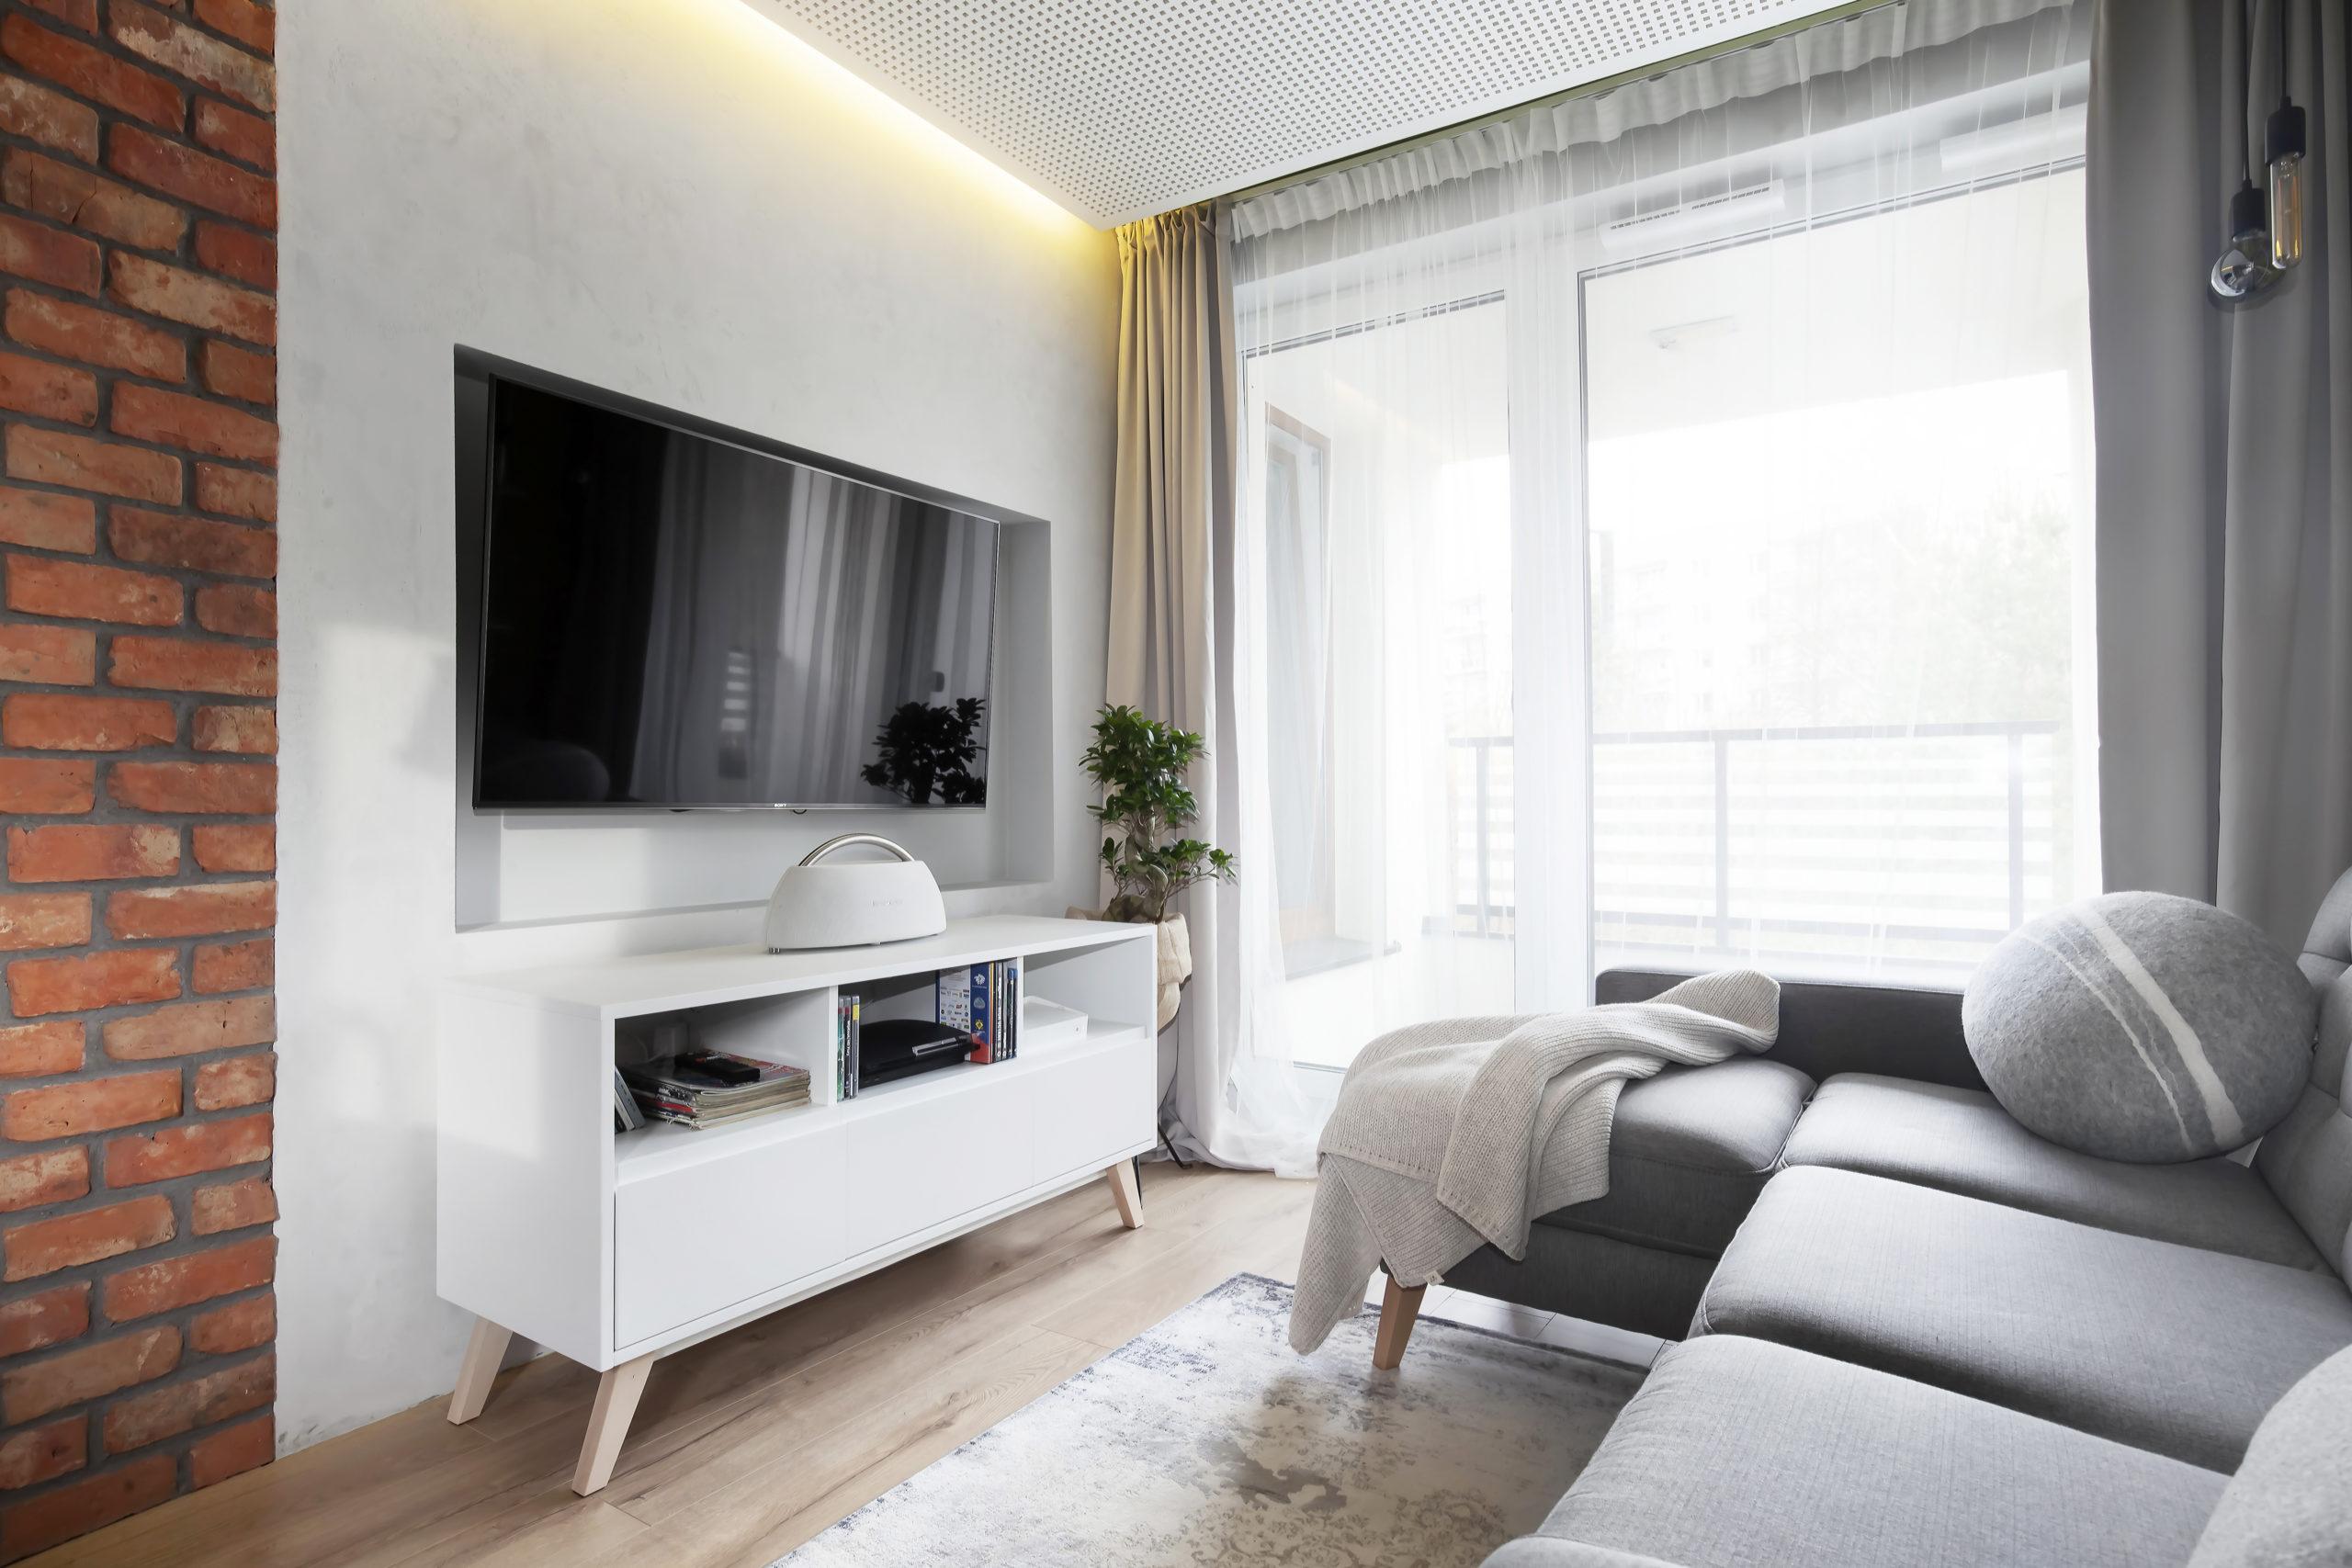 szara sofa i cegła w nowoczesnym salonie